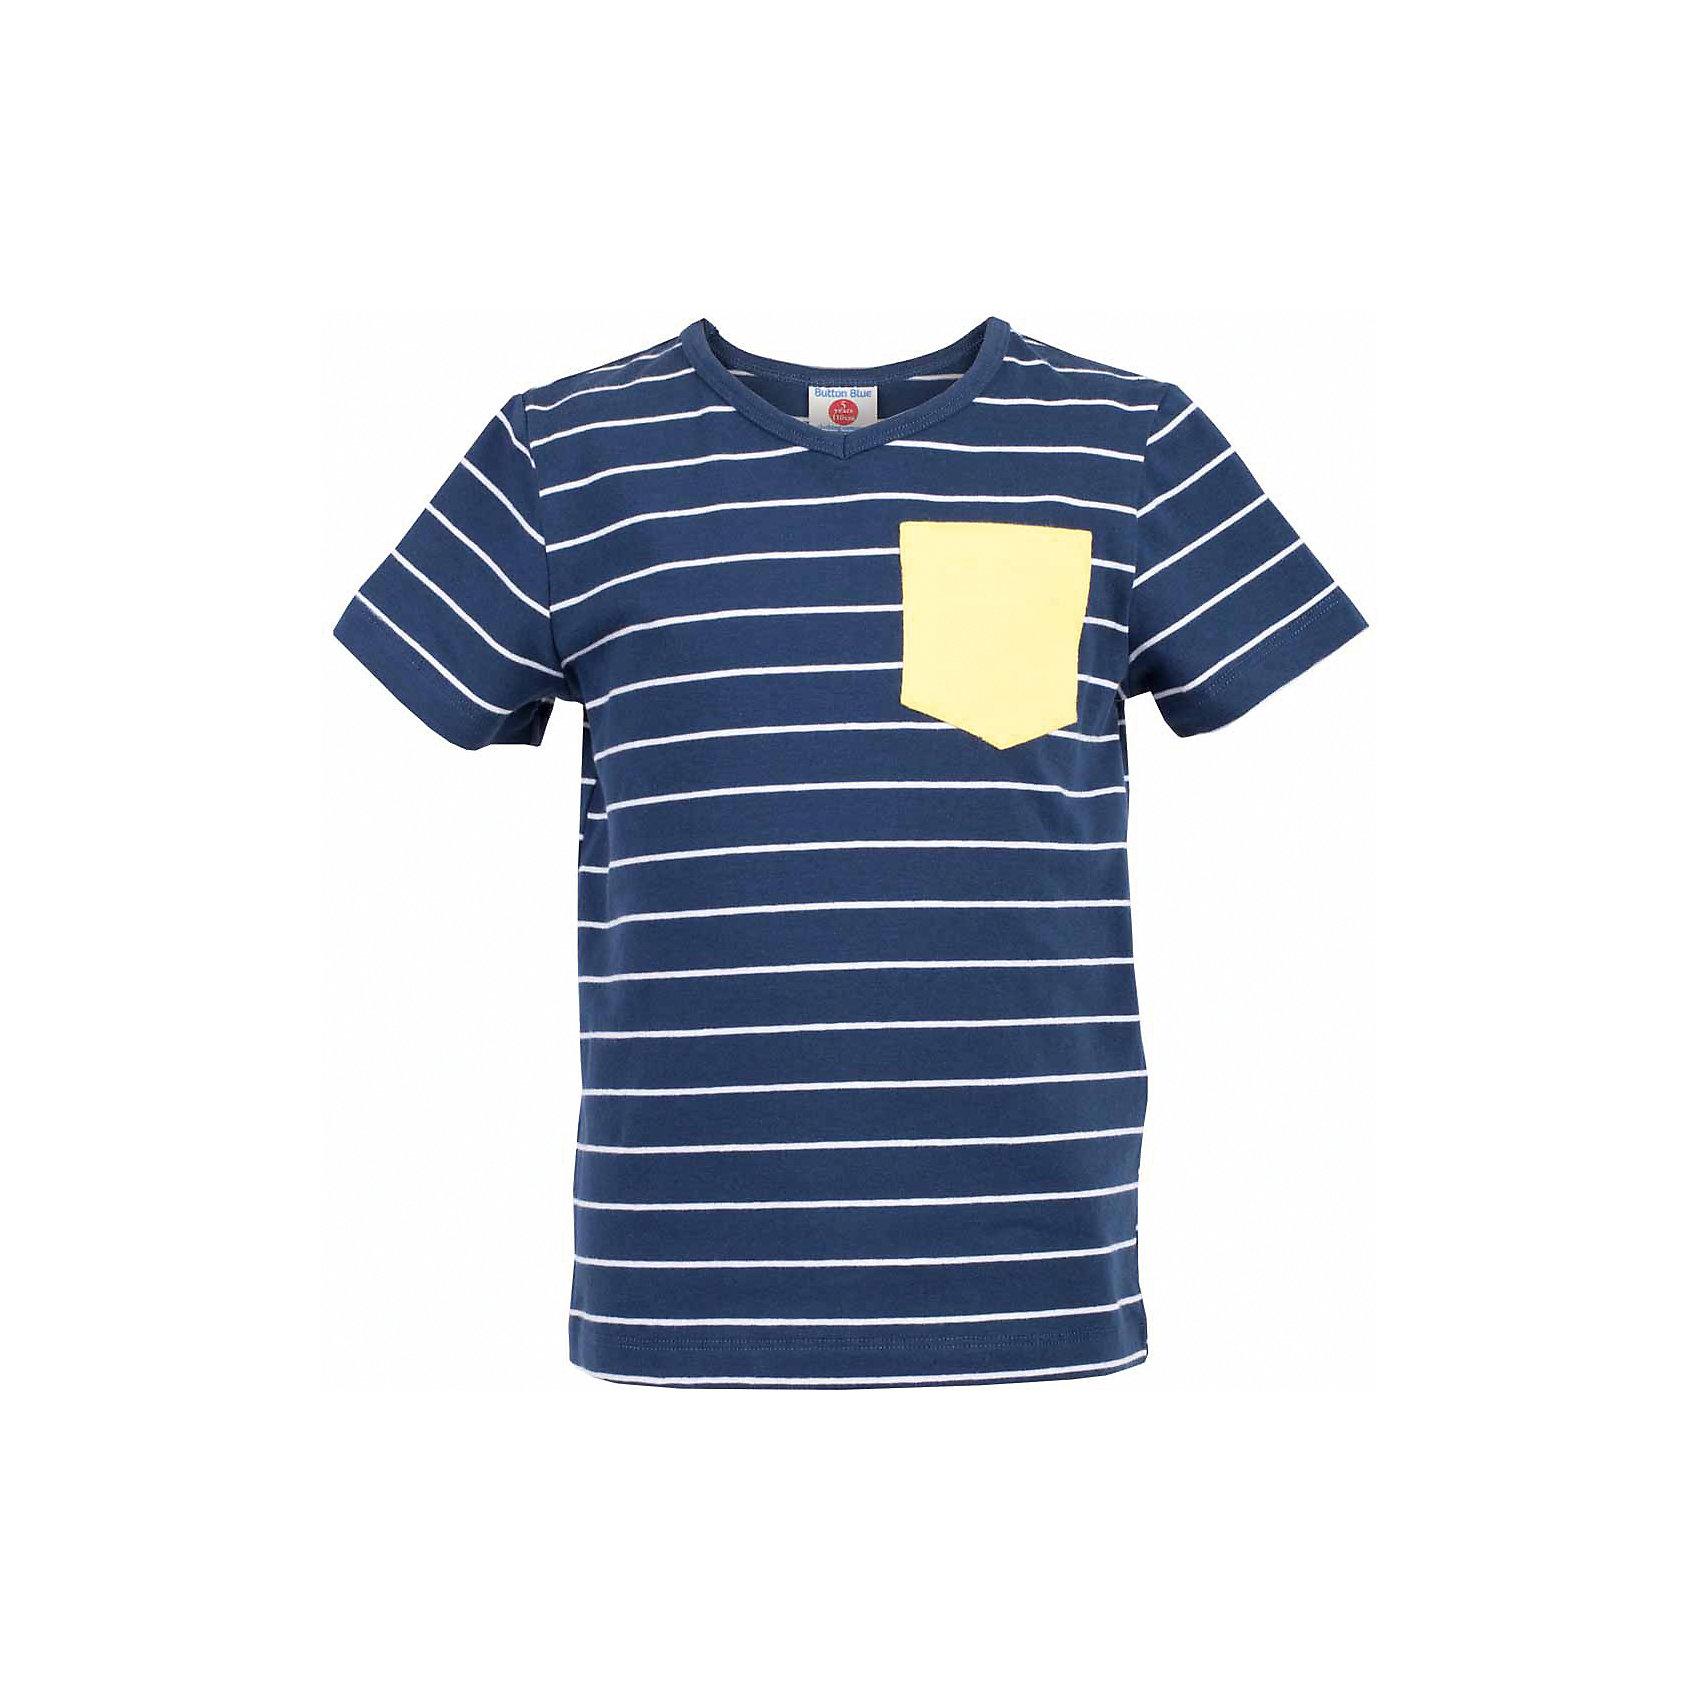 Футболка для мальчика  BUTTON BLUEФутболки, поло и топы<br>Футболка для мальчика  BUTTON BLUE<br>Синяя футболка в полоску - не только базовая вещь в гардеробе ребенка, но и основа модного летнего образа! Если вы решили купить недорогую футболку для мальчика, выберете футболку от Button Blue с V-образной горловиной и контрастным карманом. Маленькая яркая деталь - изюминка модели, создающая настроение! Низкая цена изделия не окажет влияния на бюджет семьи, позволив создать интересный гардероб для долгожданных каникул!<br>Состав:<br>95% хлопок 5% эластан<br><br>Ширина мм: 199<br>Глубина мм: 10<br>Высота мм: 161<br>Вес г: 151<br>Цвет: синий<br>Возраст от месяцев: 120<br>Возраст до месяцев: 132<br>Пол: Мужской<br>Возраст: Детский<br>Размер: 146,152,158,98,104,110,116,122,128,140<br>SKU: 5524175